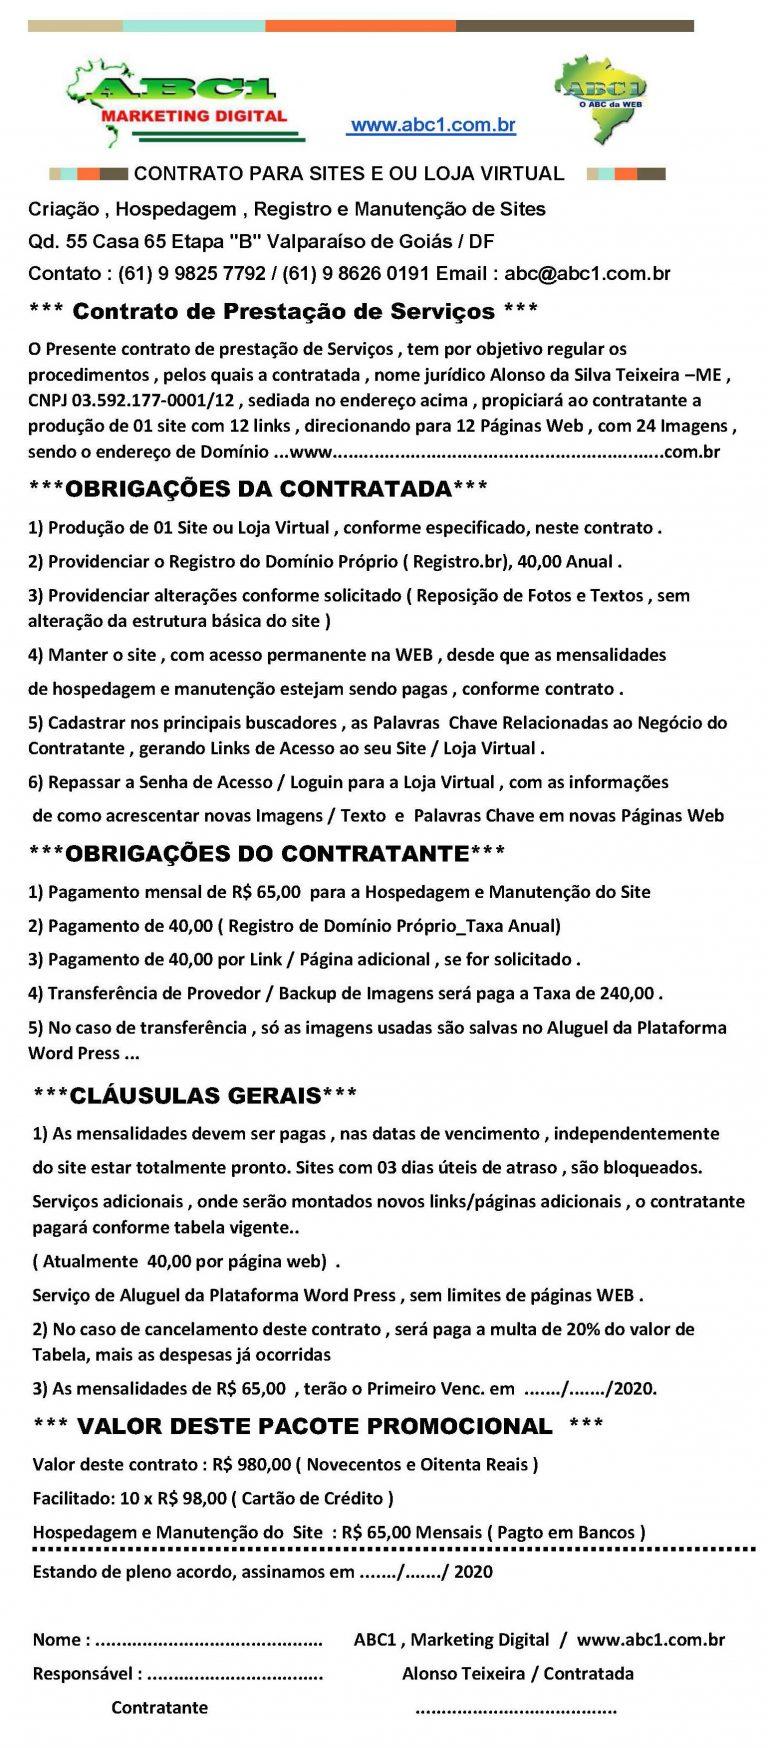 ABC1_Contrato_para_Sites_ok-1-768x1748 Contrato para Sites e ou Loja Virtual _ABC1